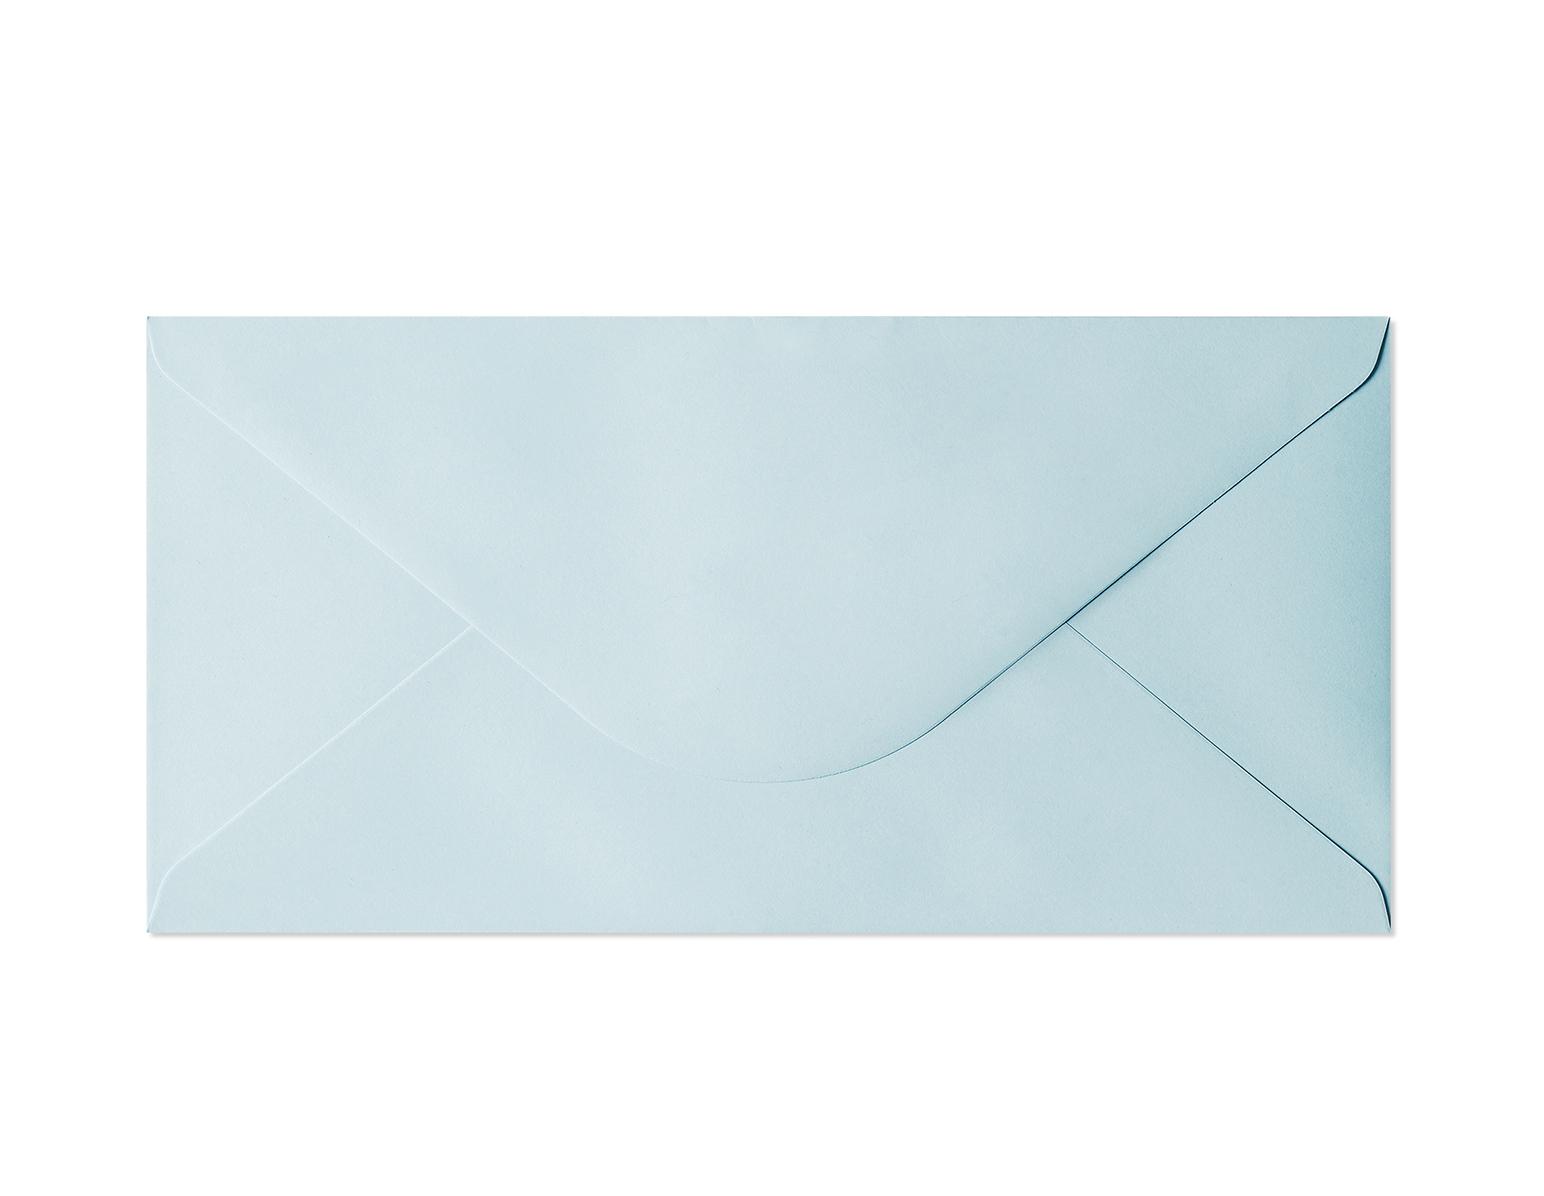 Galeria Papieru obálky DL Hladký modrá 130g, 10ks